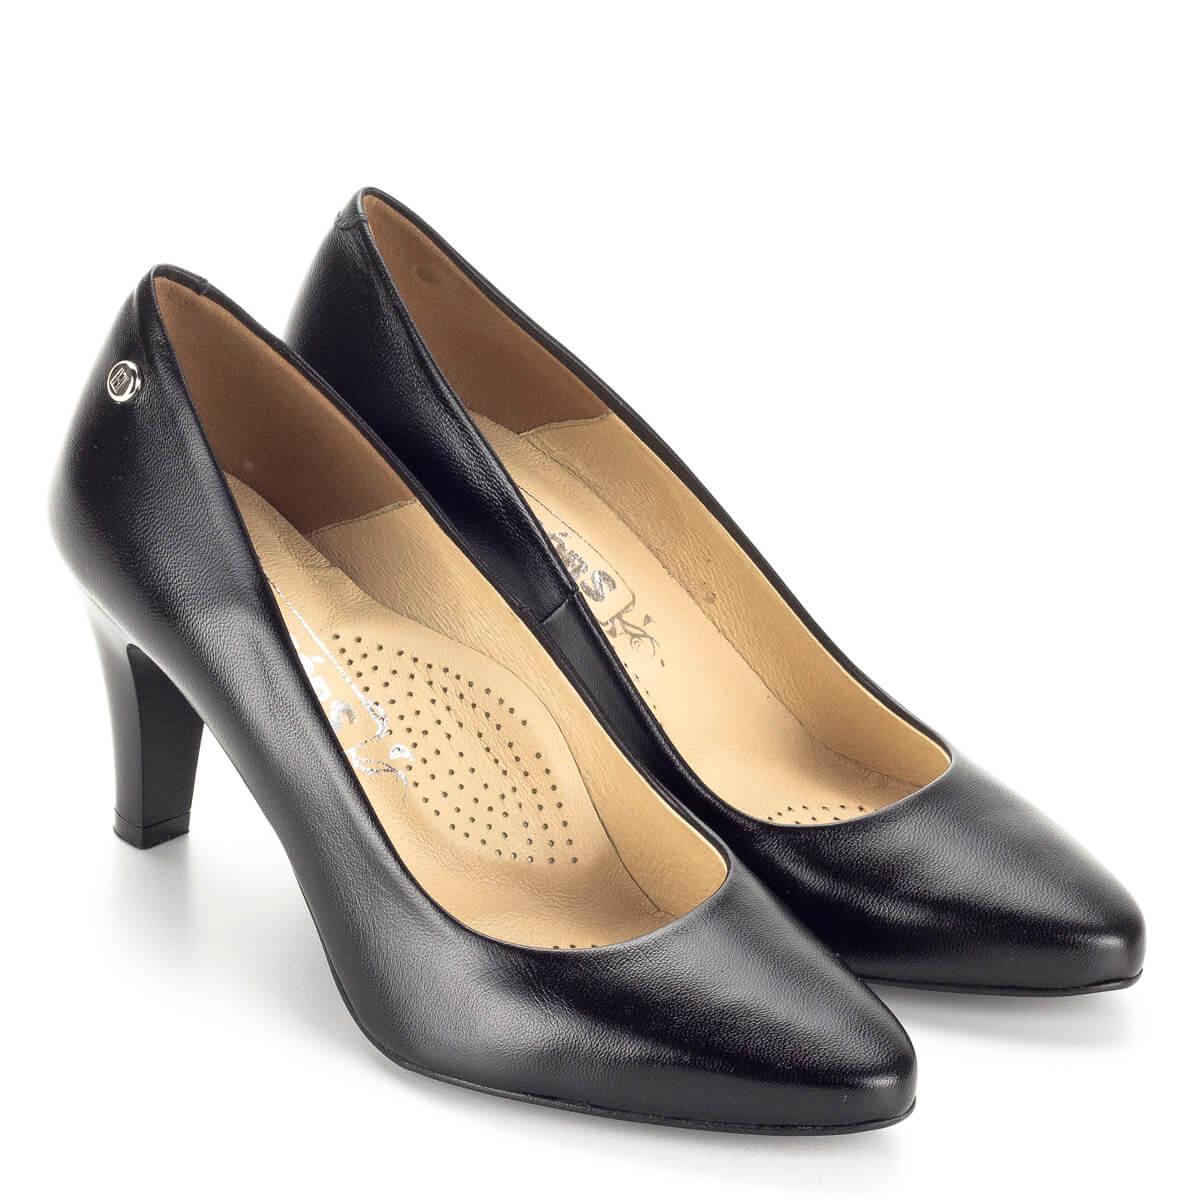 Bőr cipő - Márkás bőr cipők ingyenes szállítással. Bőr cipő online. e411ffb54a